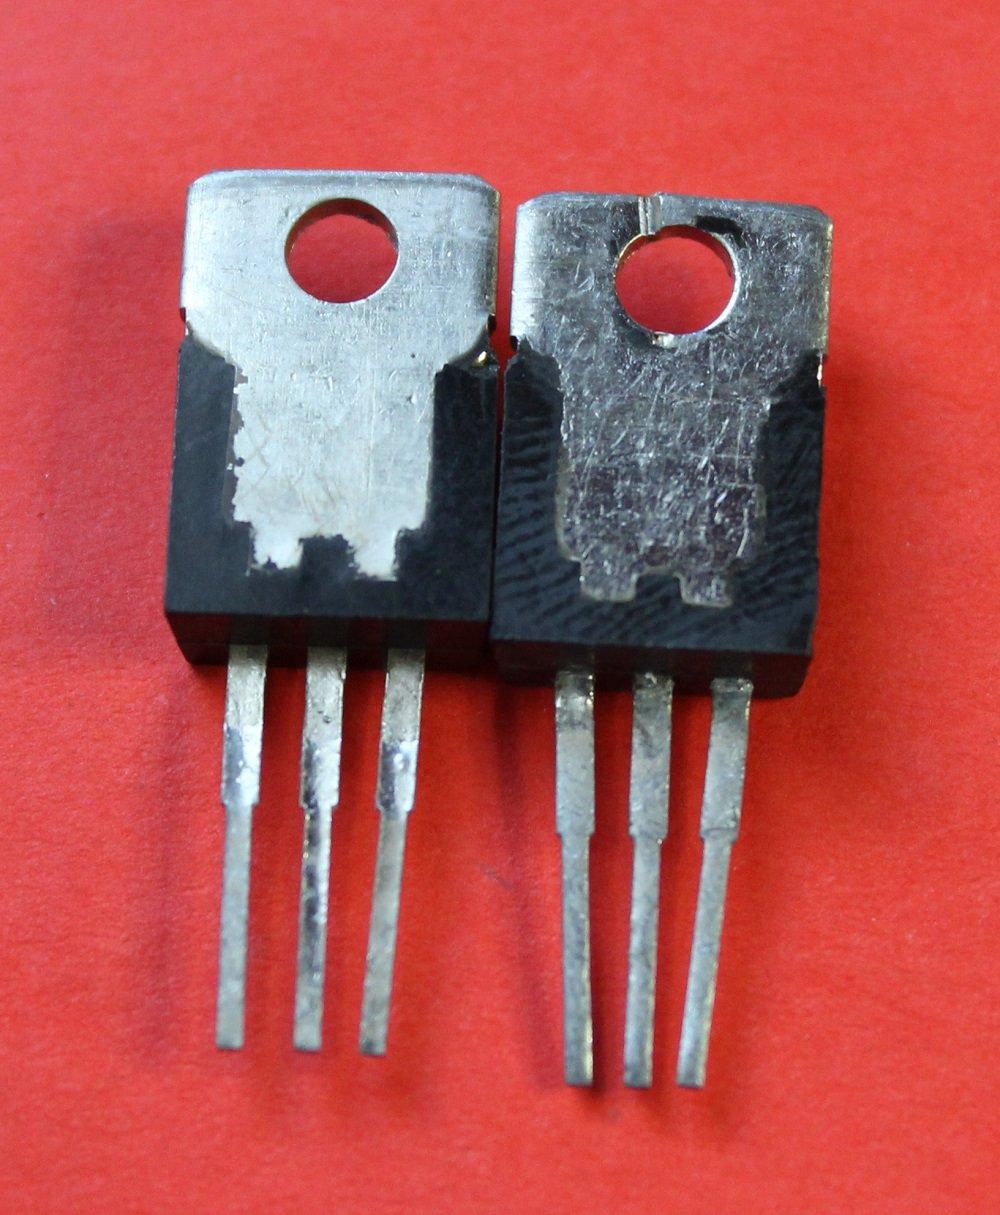 S.U.R. & R Tools Transistors silicon KT892A2 analoge MI10004PF1, TIP661 USSR 2 pcs by S.U.R. & R Tools (Image #2)